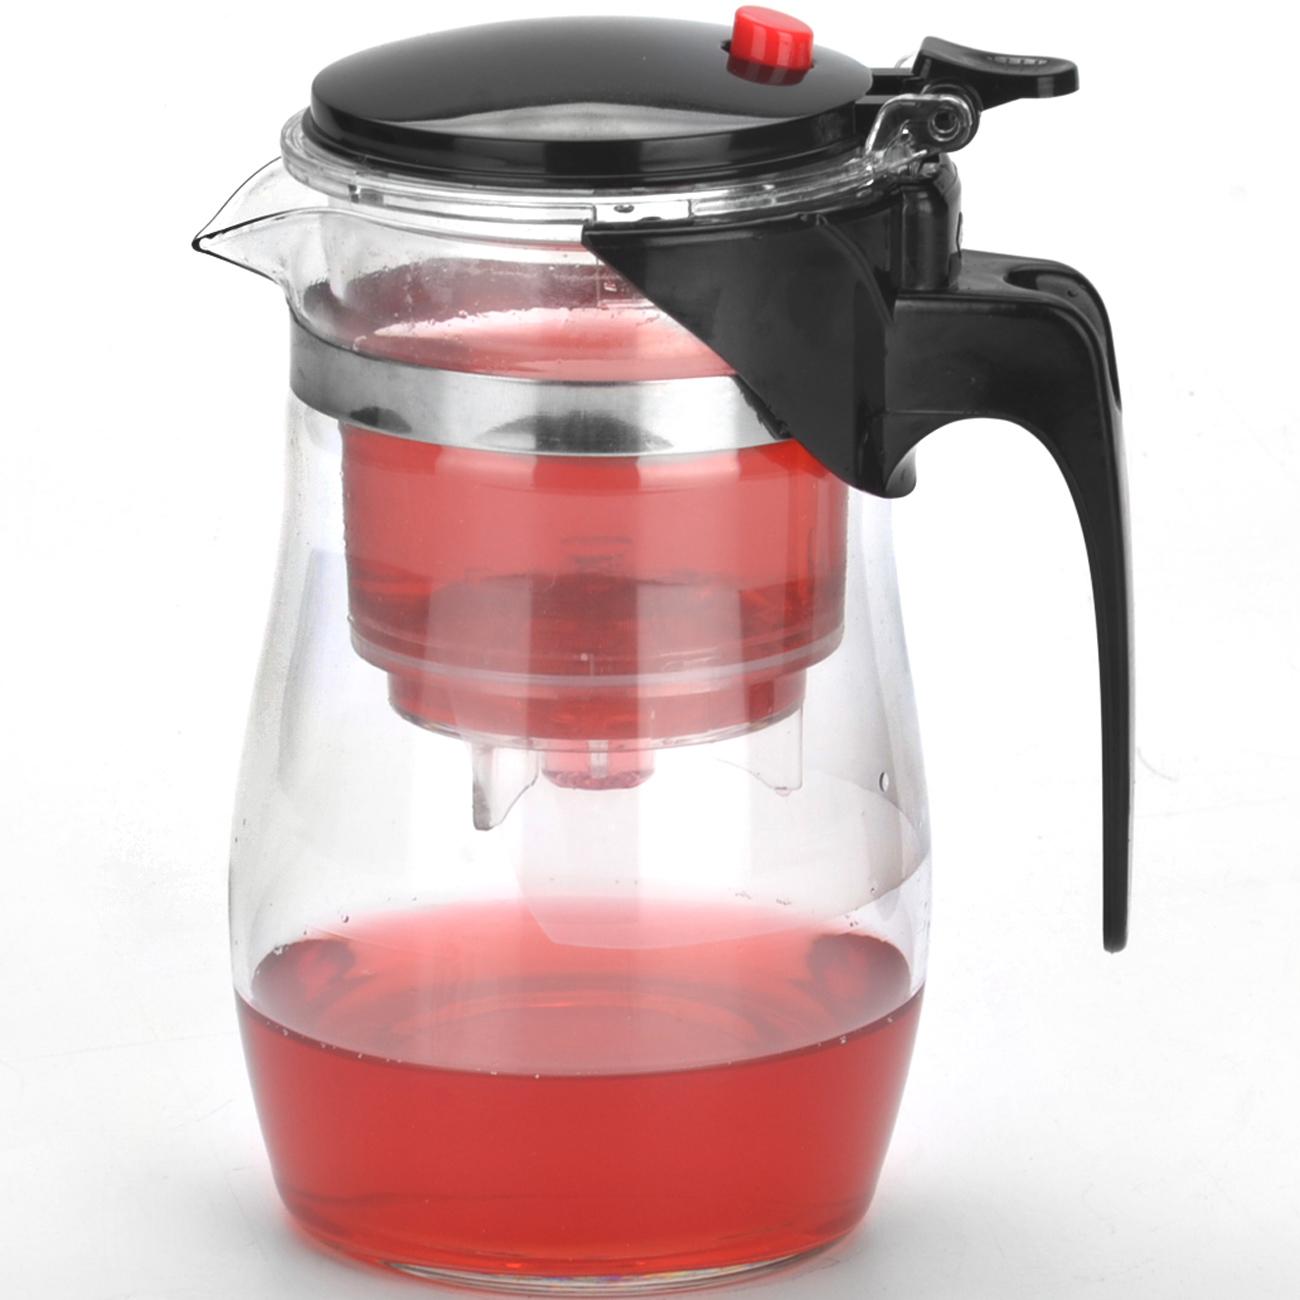 Чайник заварочный Mayer & Boch, 0,75 л. 40234023Заварочный стеклянный чайник Mayer & Boch с внутренней колбой из термостойкой пищевой пластмассы и металлическим ситечком с клапаном.